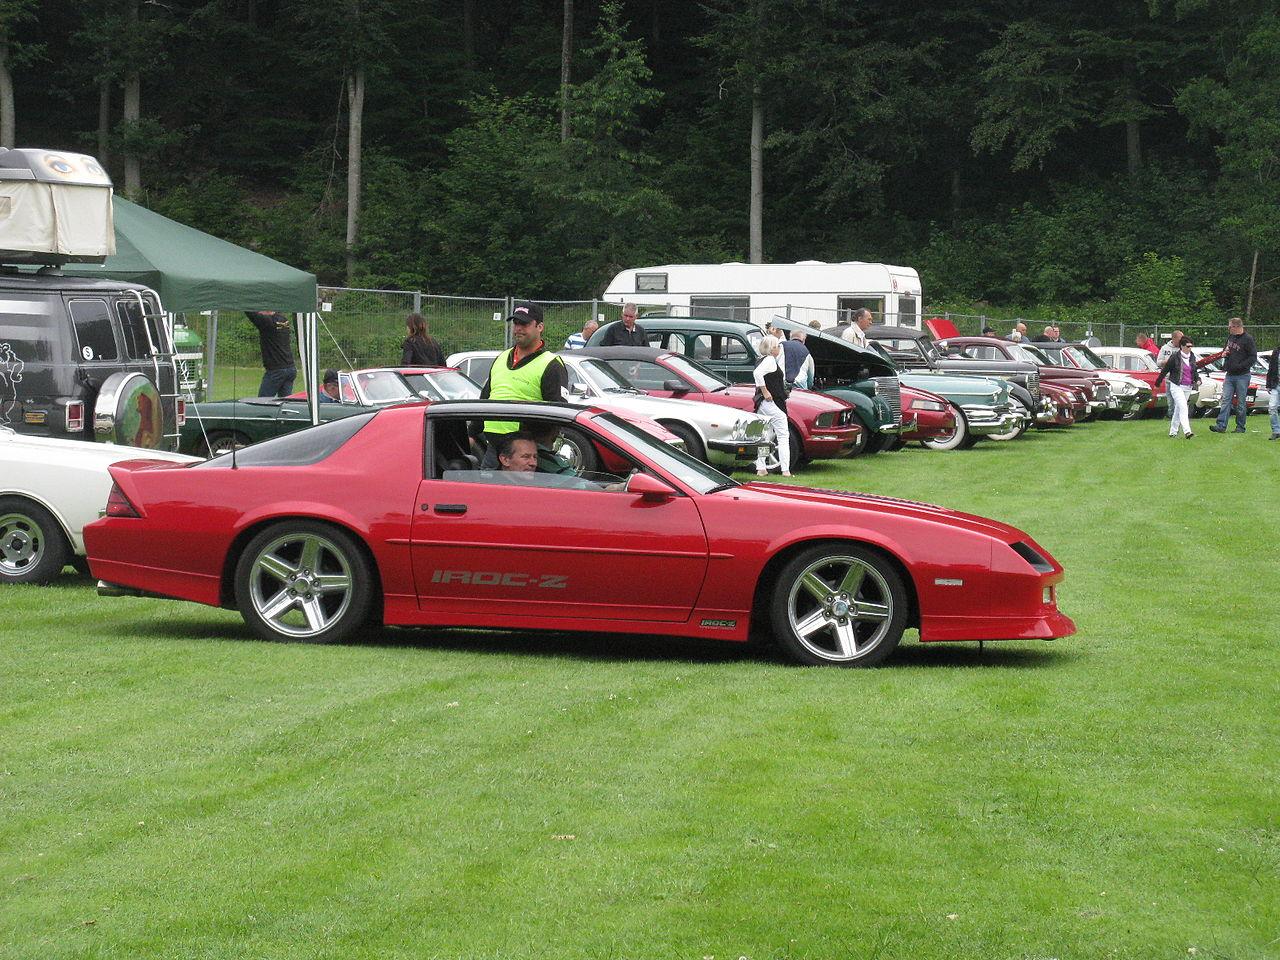 Iroc Z Wiki >> File:Chevrolet Camaro IROC-Z (9196159902).jpg - Wikimedia ...